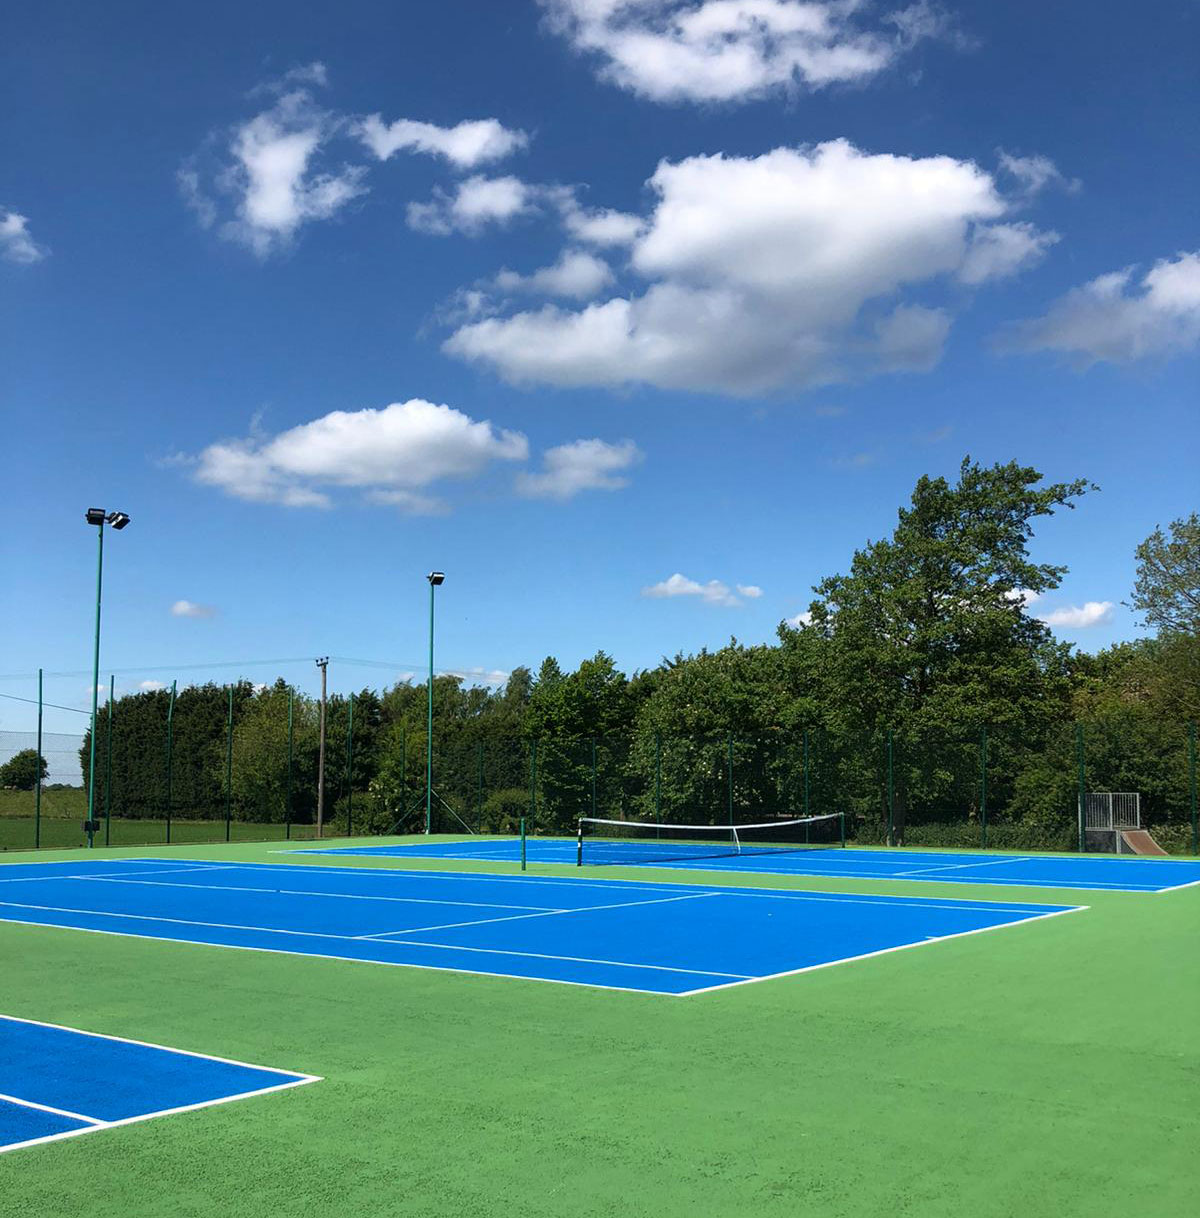 wistow tennis club now open